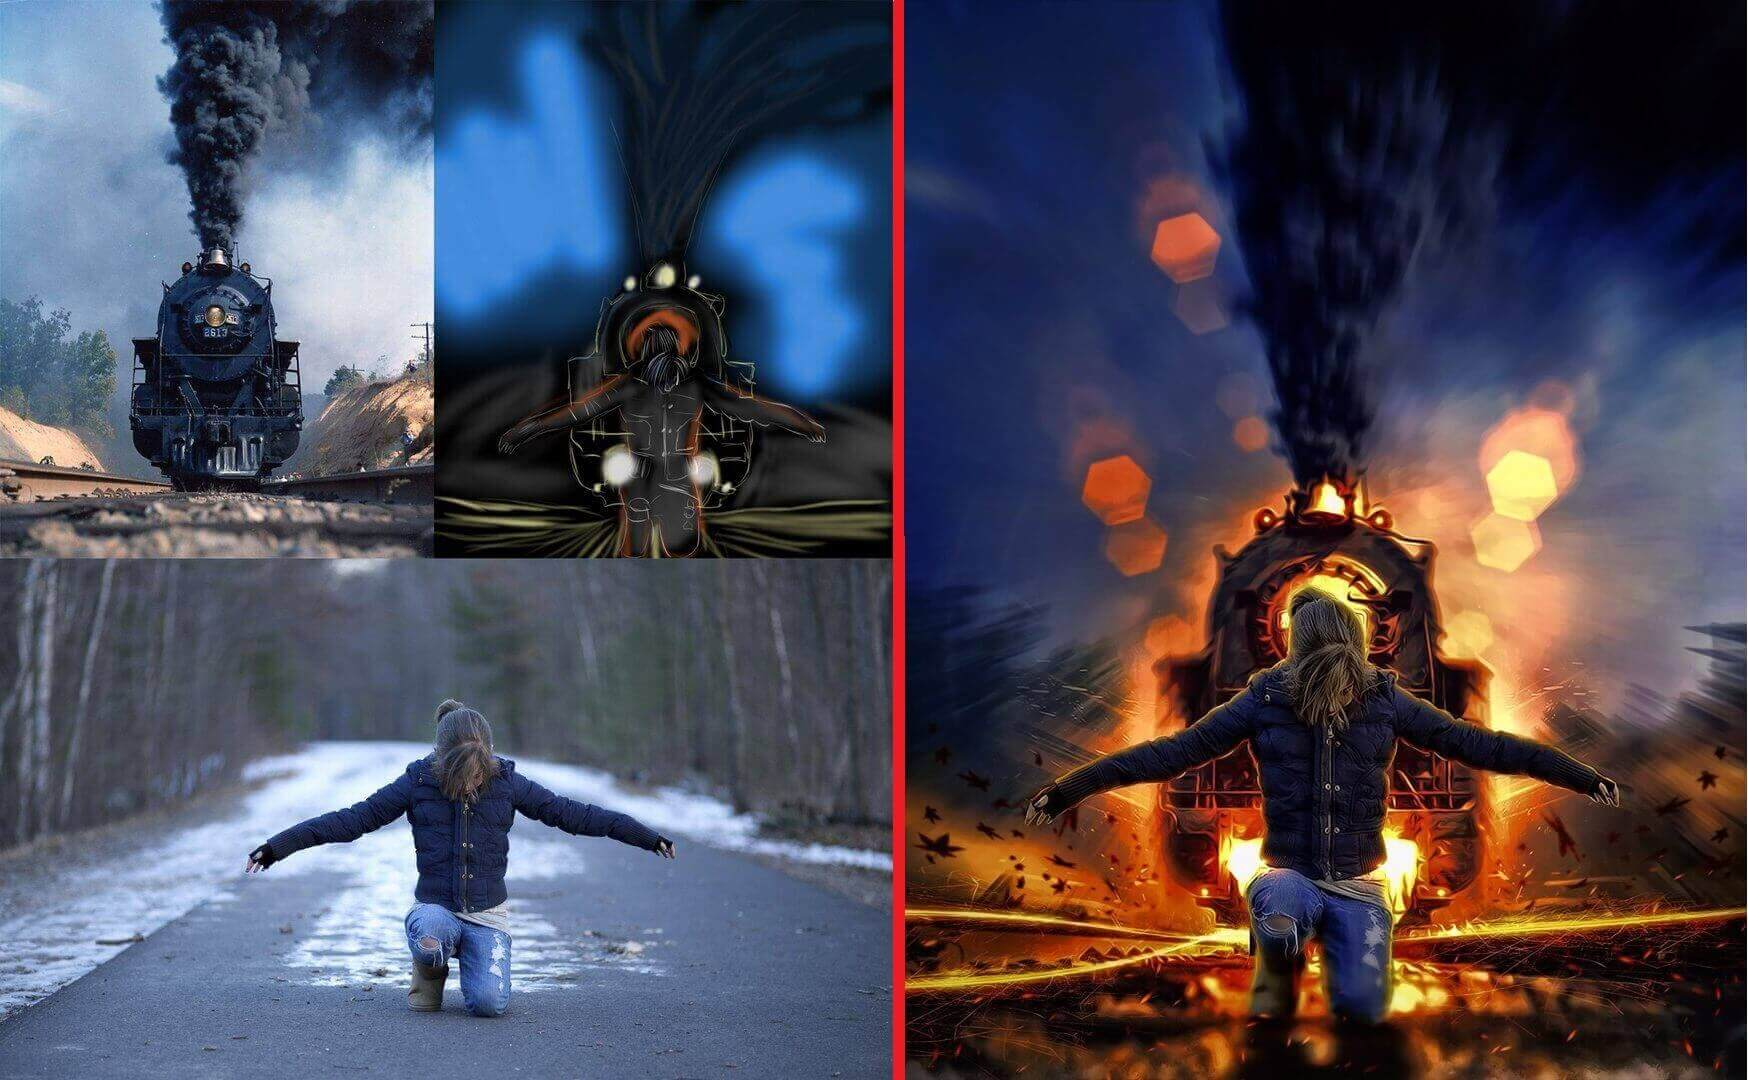 поезд и девушка